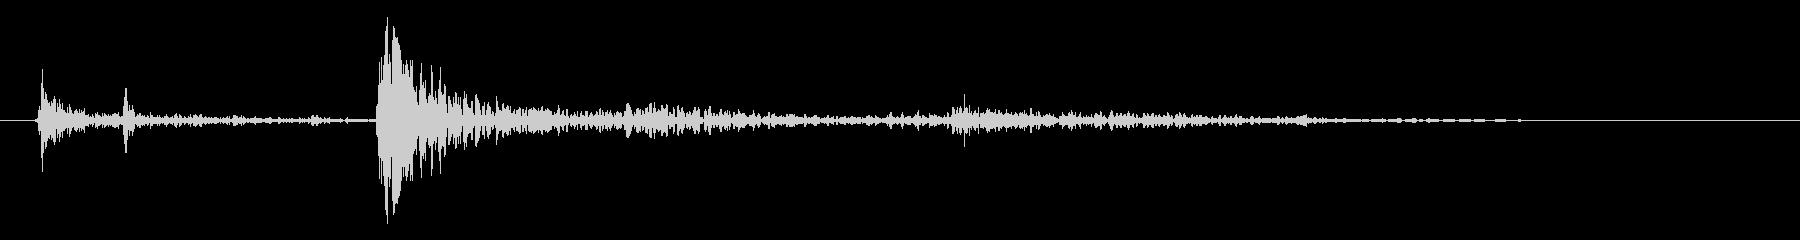 木材または木工品を置く効果音 01の未再生の波形